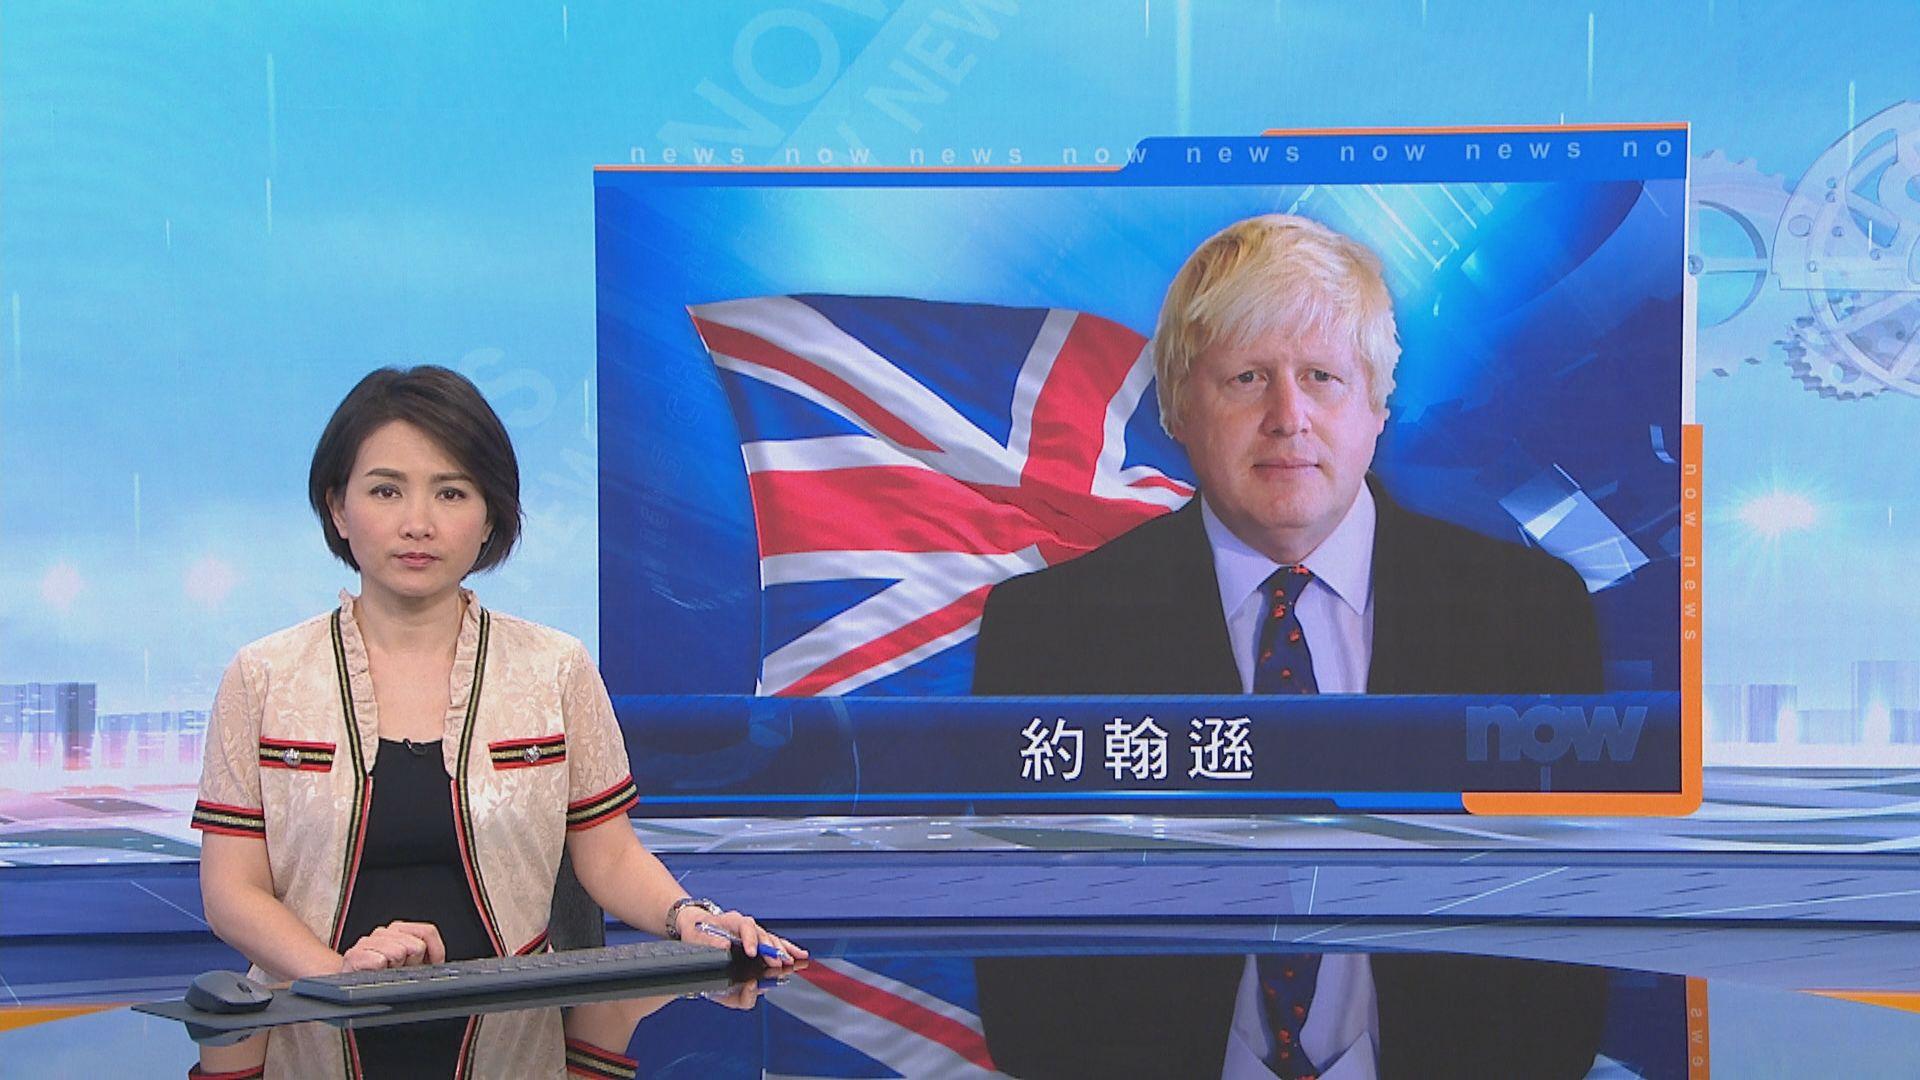 約翰遜:非意圖阻礙中國崛起 盼北京遵守國際協議